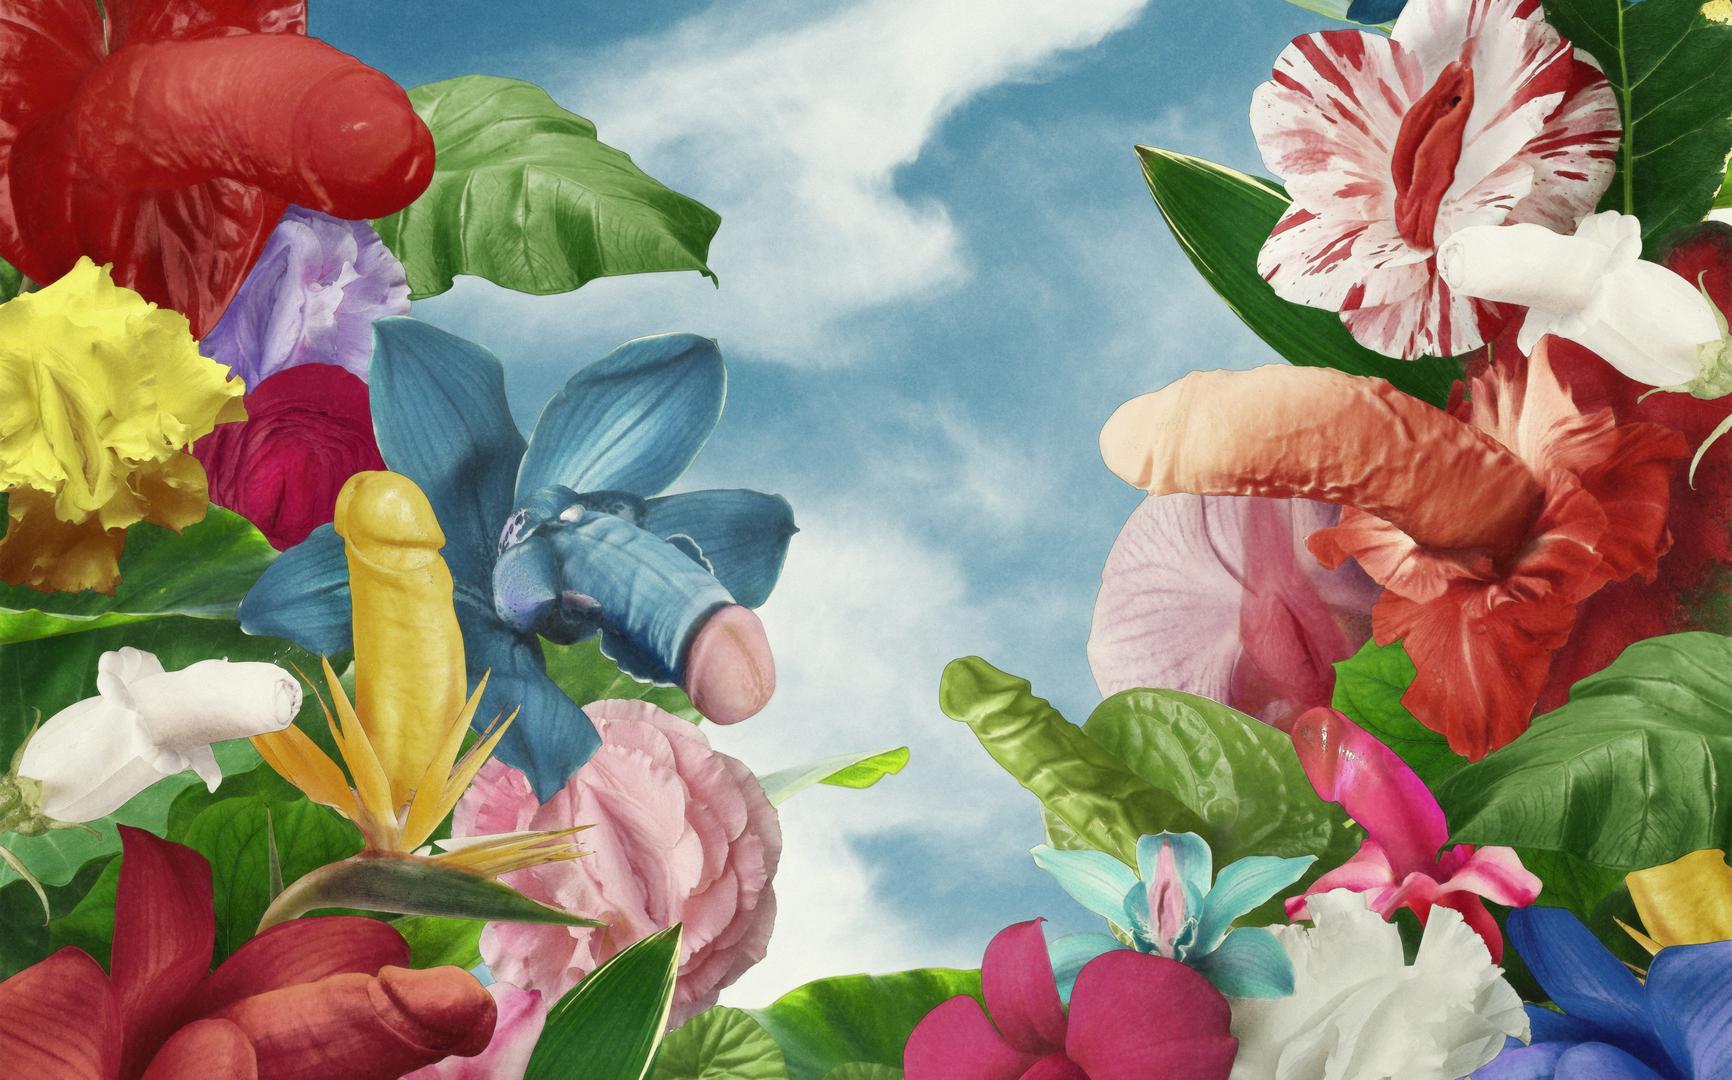 Penisformen und Penistypen als Blumen